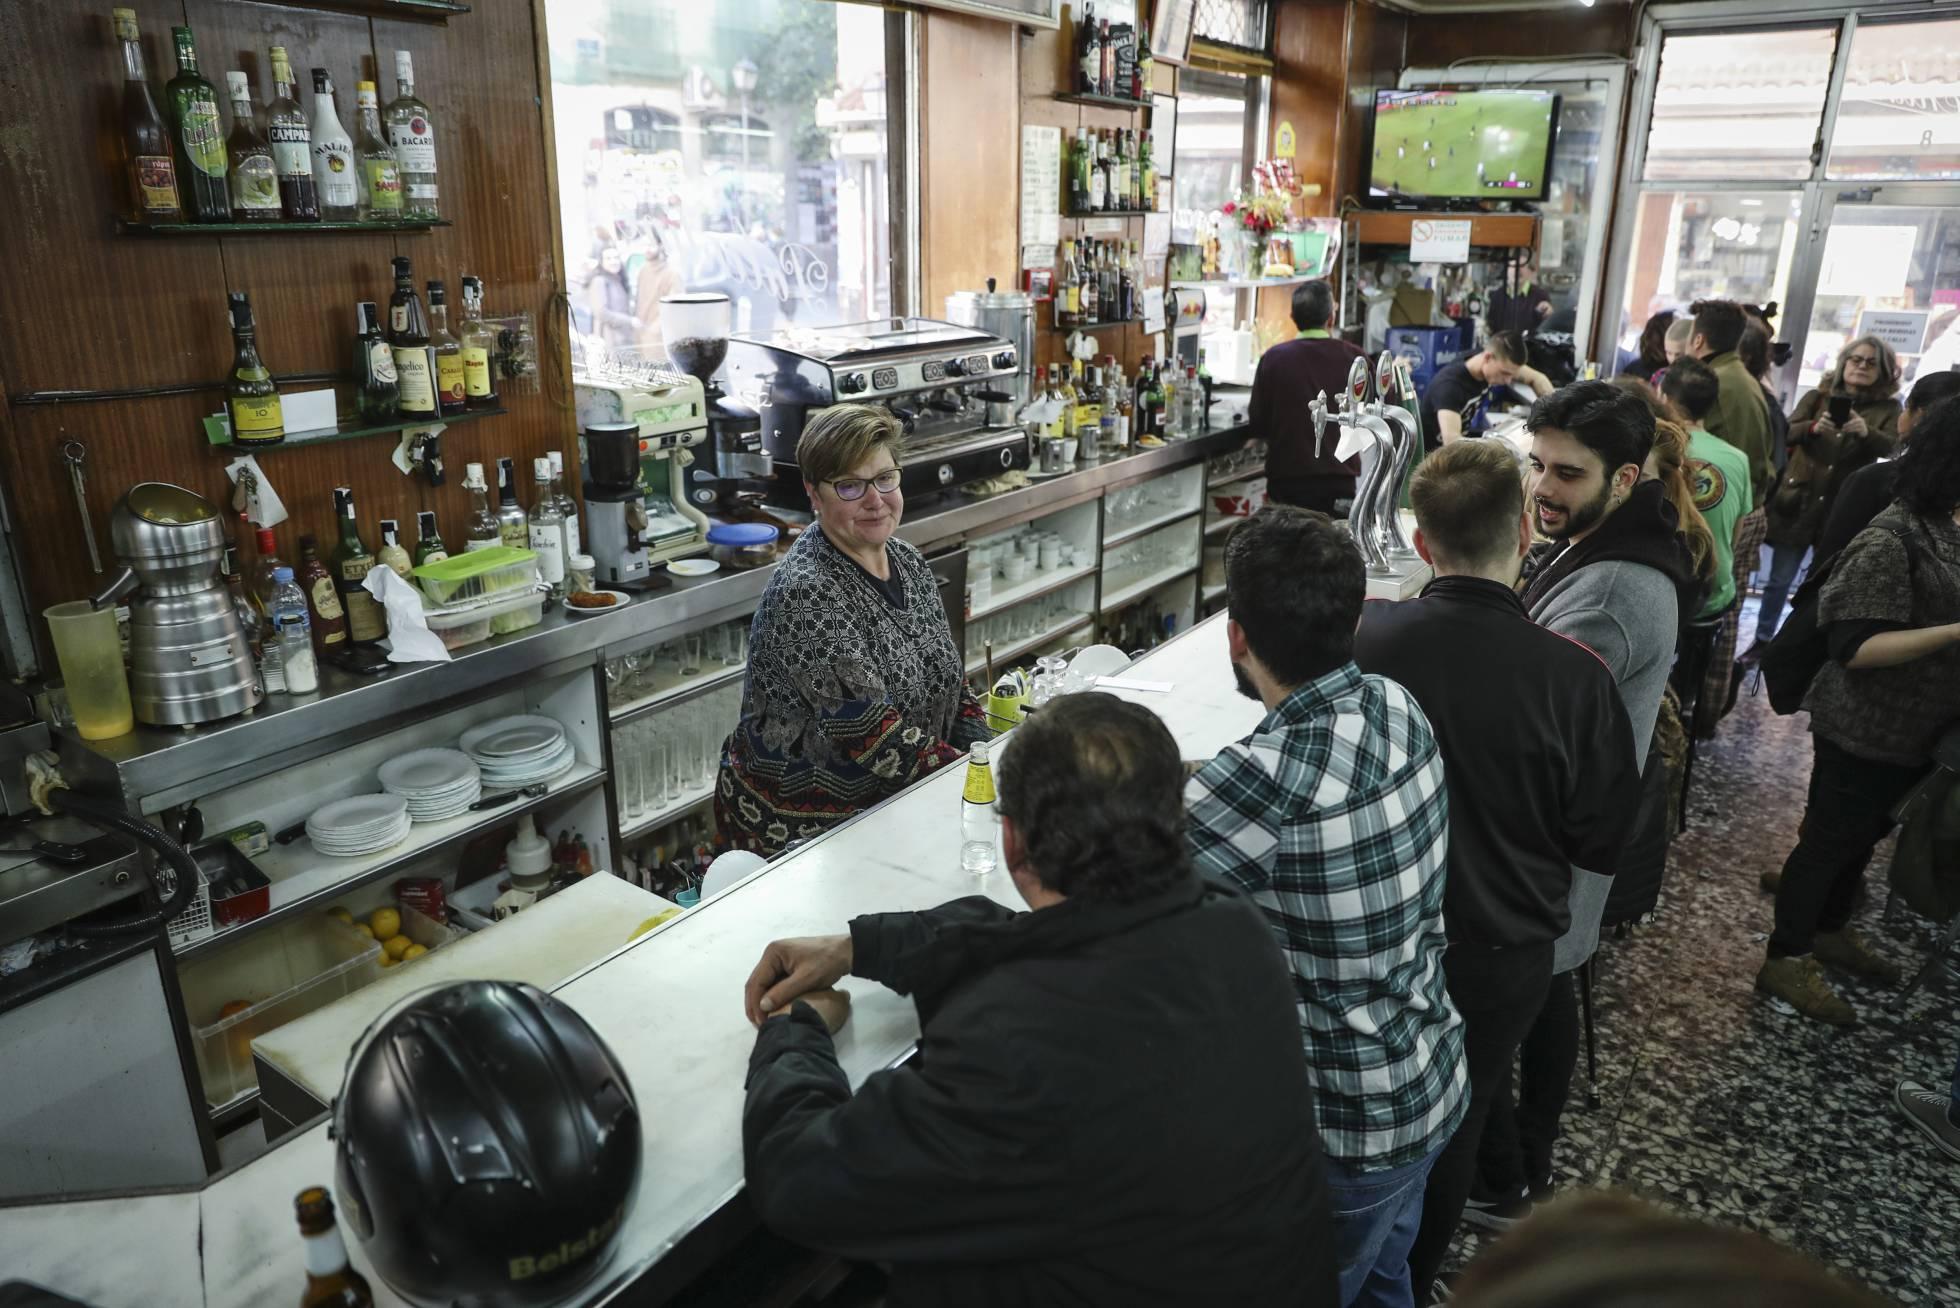 С центральных улиц Мадрида постепенно исчезают традиционные аутентичные бары